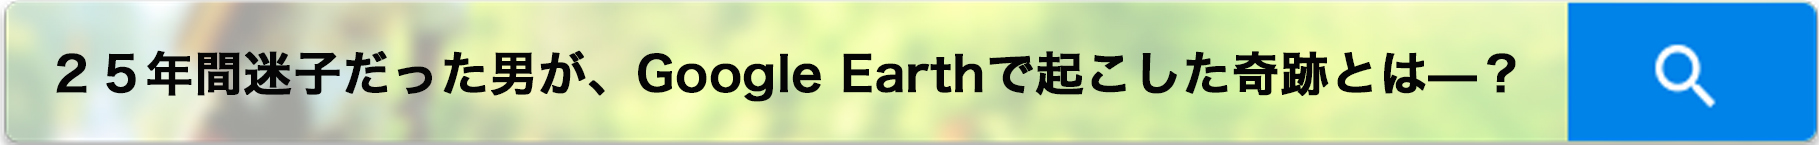 http://www.suncityhall.jp/H29.12%E6%9C%88%E2%91%A3.jpg